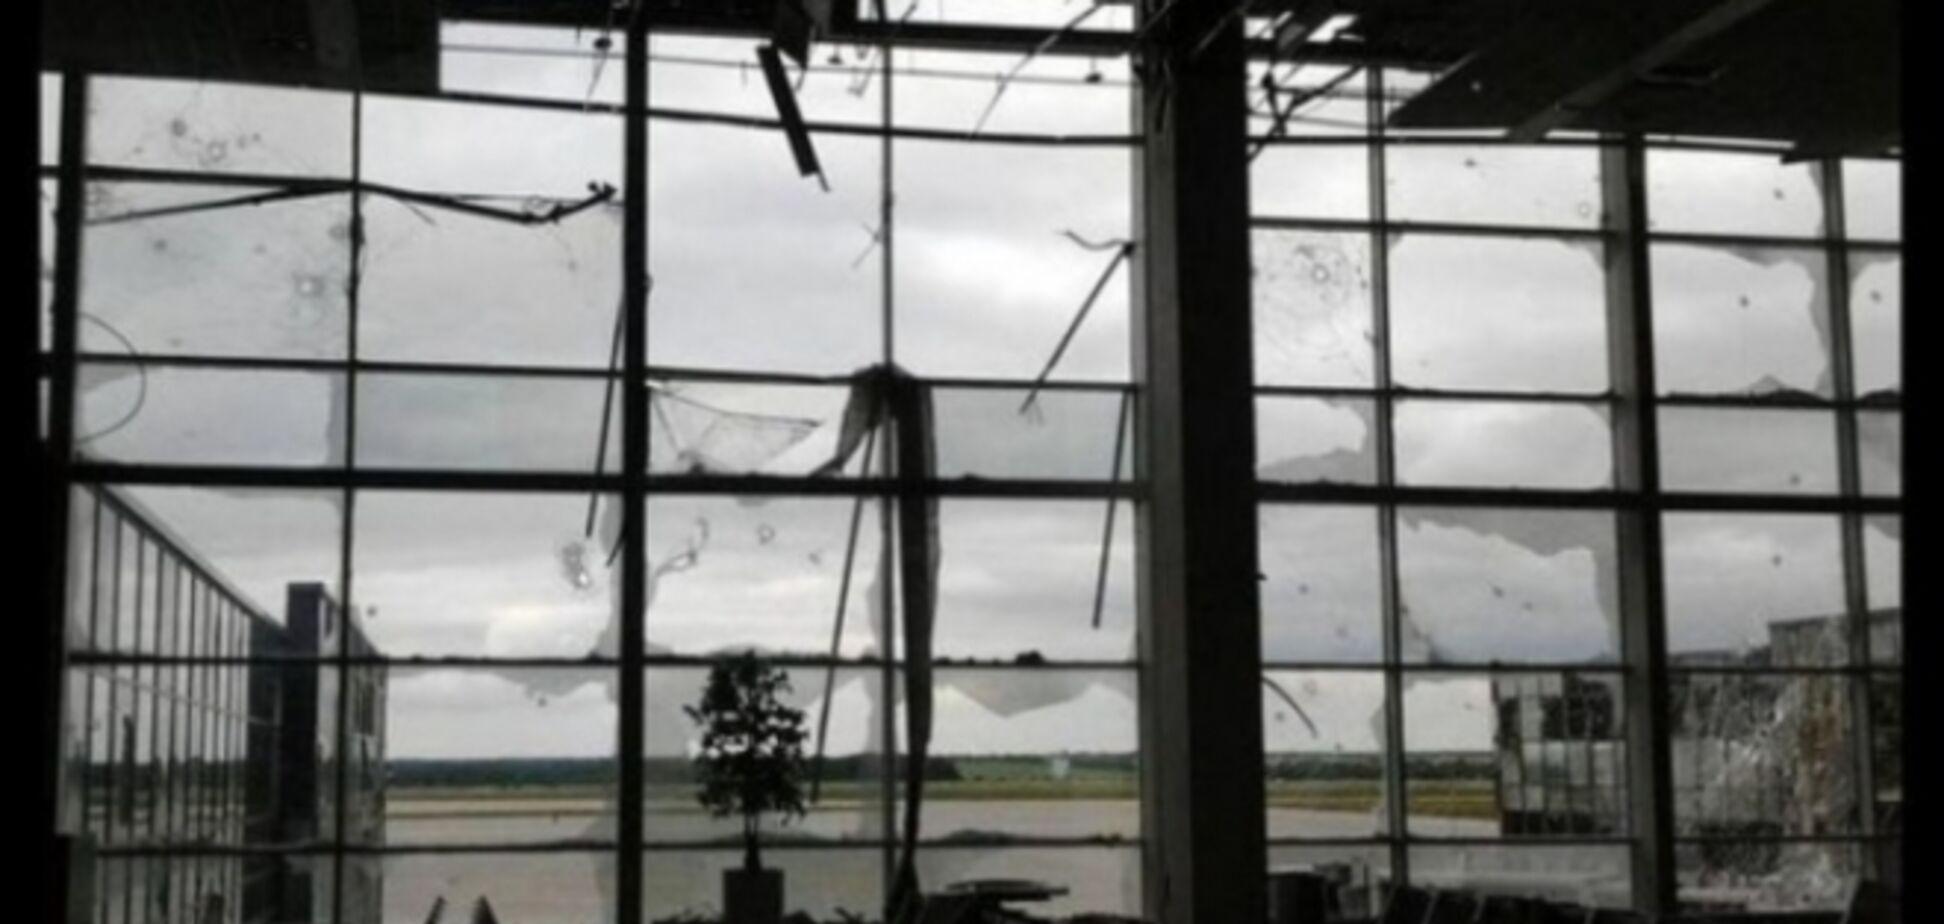 'Киборги' выложили в сеть новое видео боя в донецком аэропорту